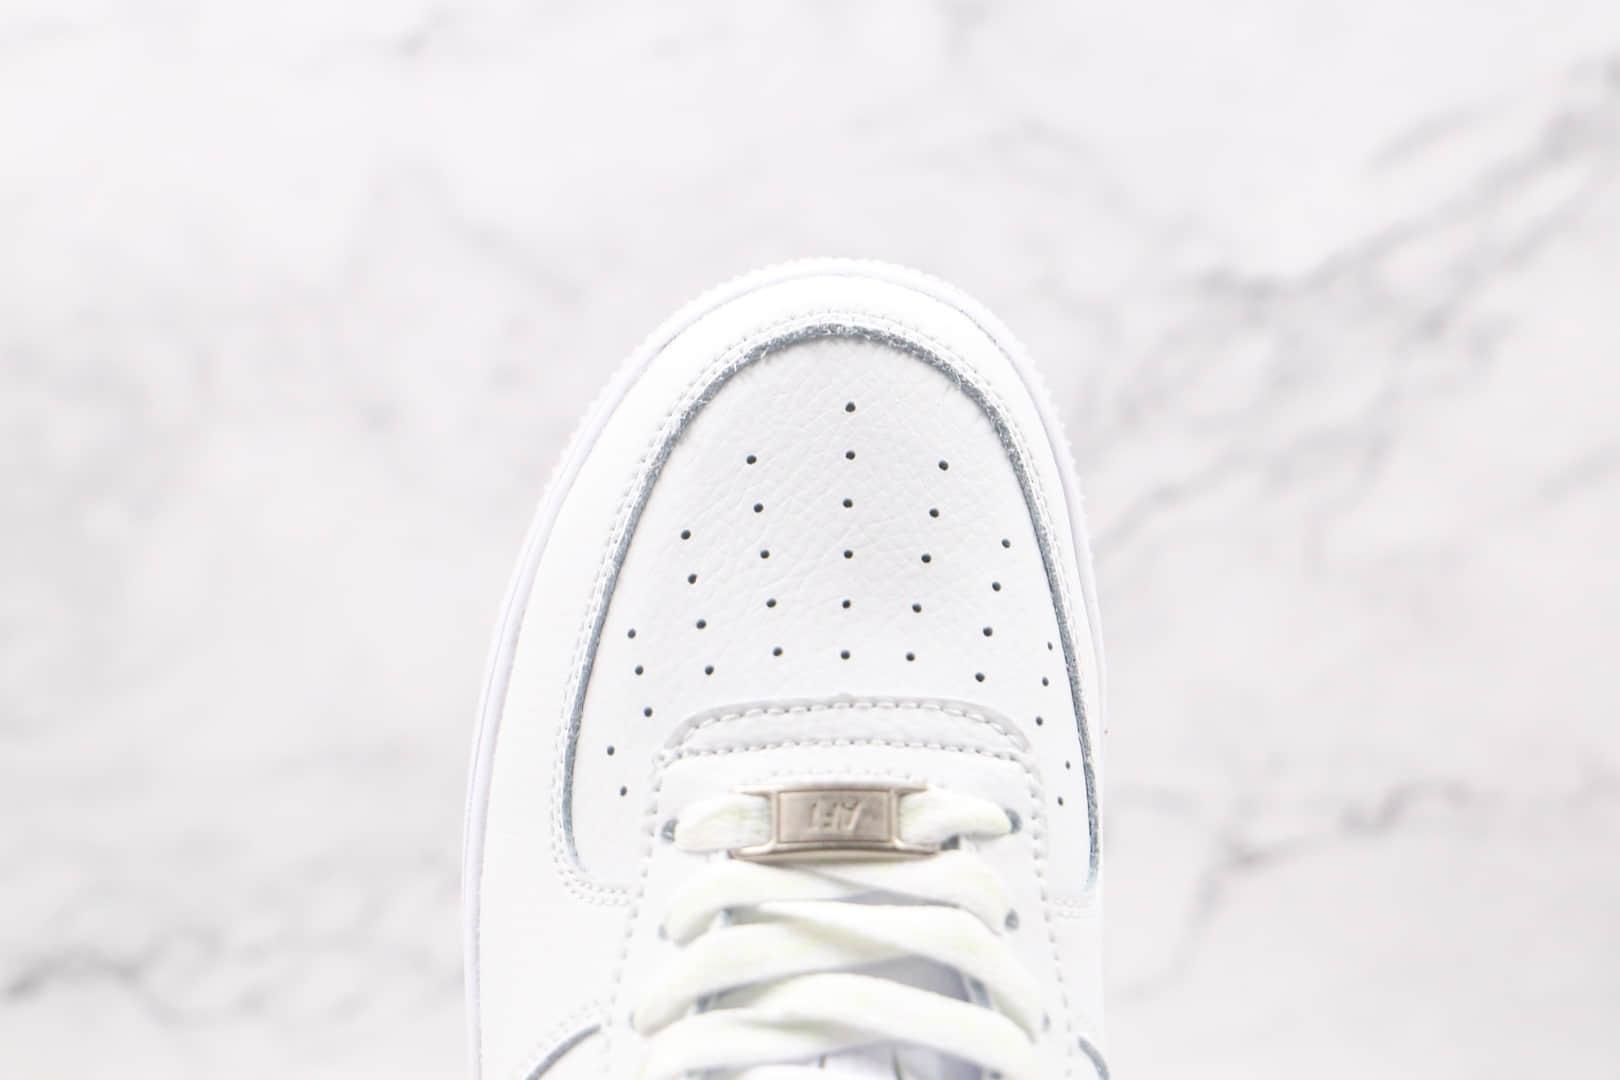 耐克Nike Air Force 1 UPSTEP纯原版本低帮空军一号LV勾白蓝色板鞋内置气垫 货号:AH0287-215